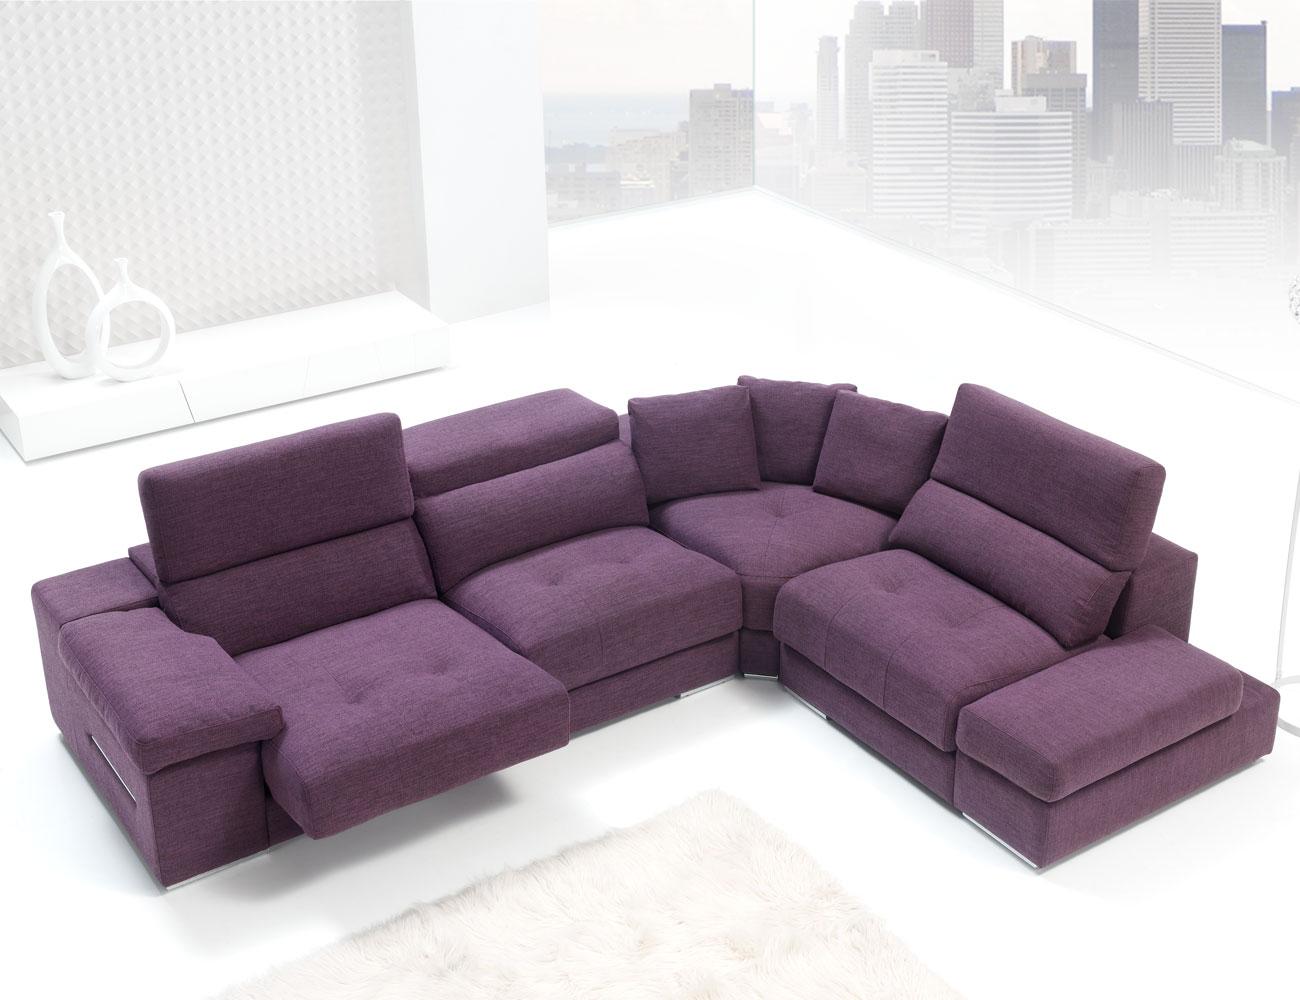 Sofa chaiselongue rincon con brazo mecanico tejido anti manchas 258